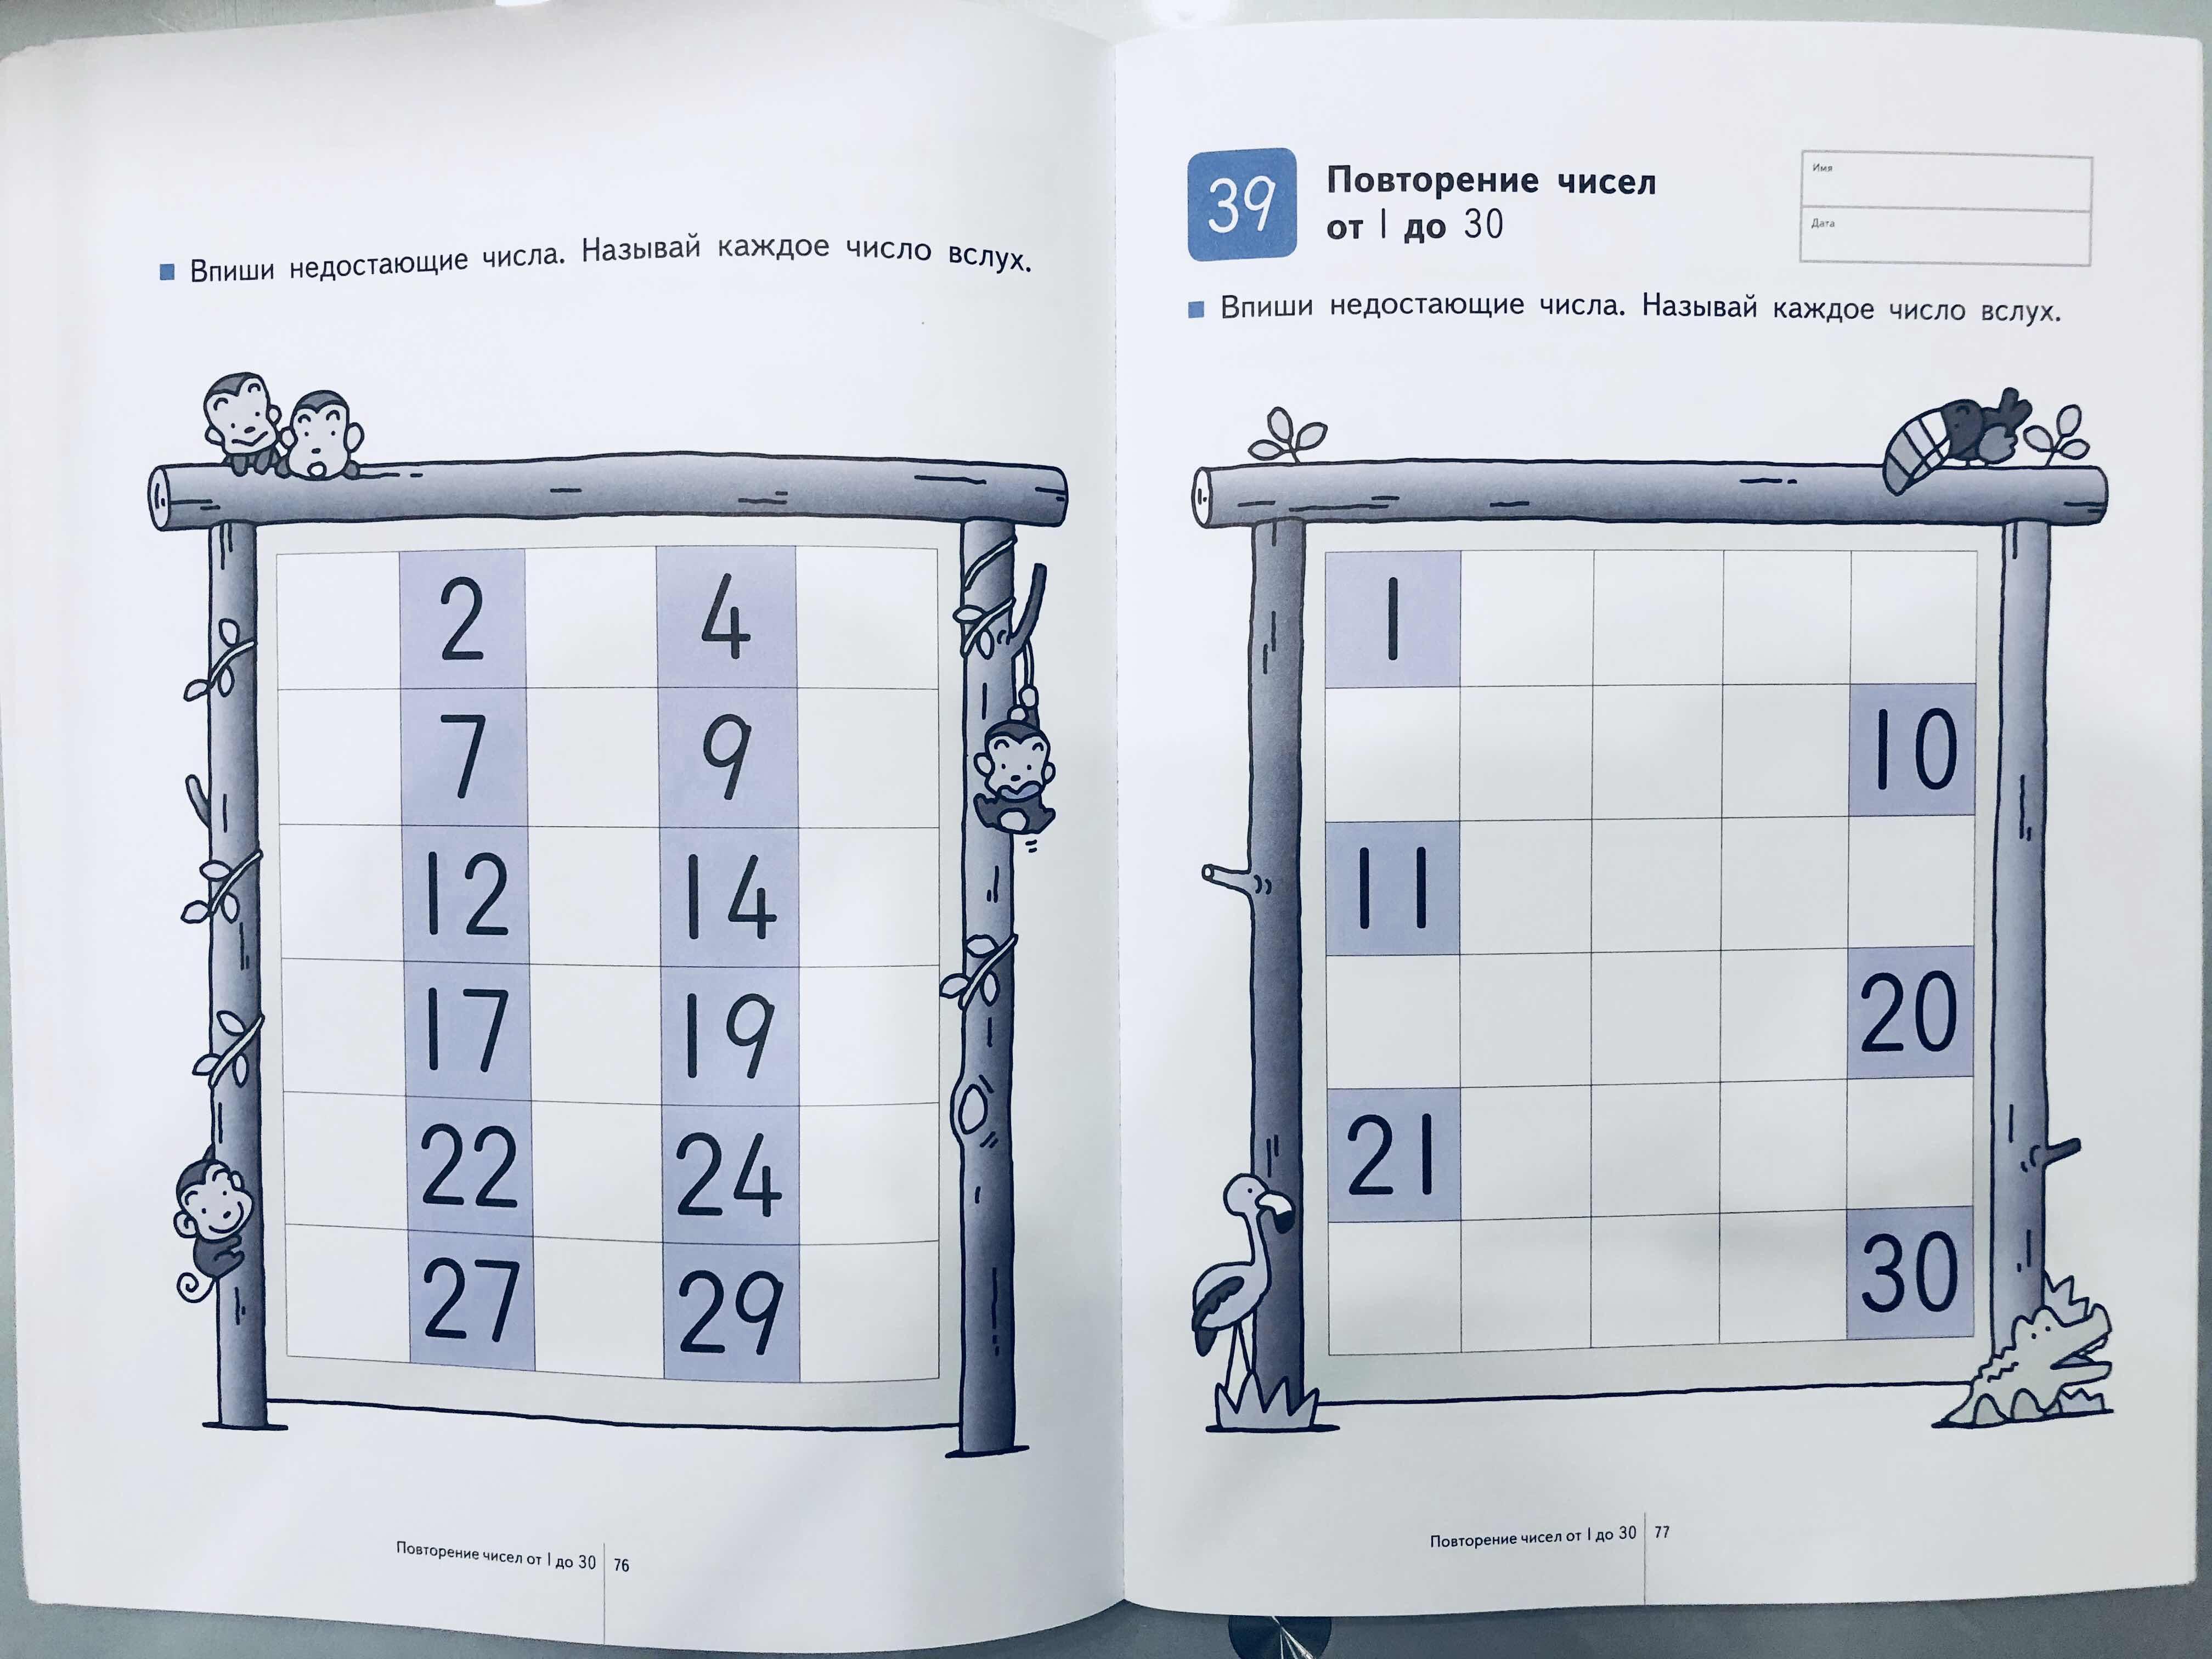 Начинаем учиться считать. Изучаем счет от 1 до 30. 27